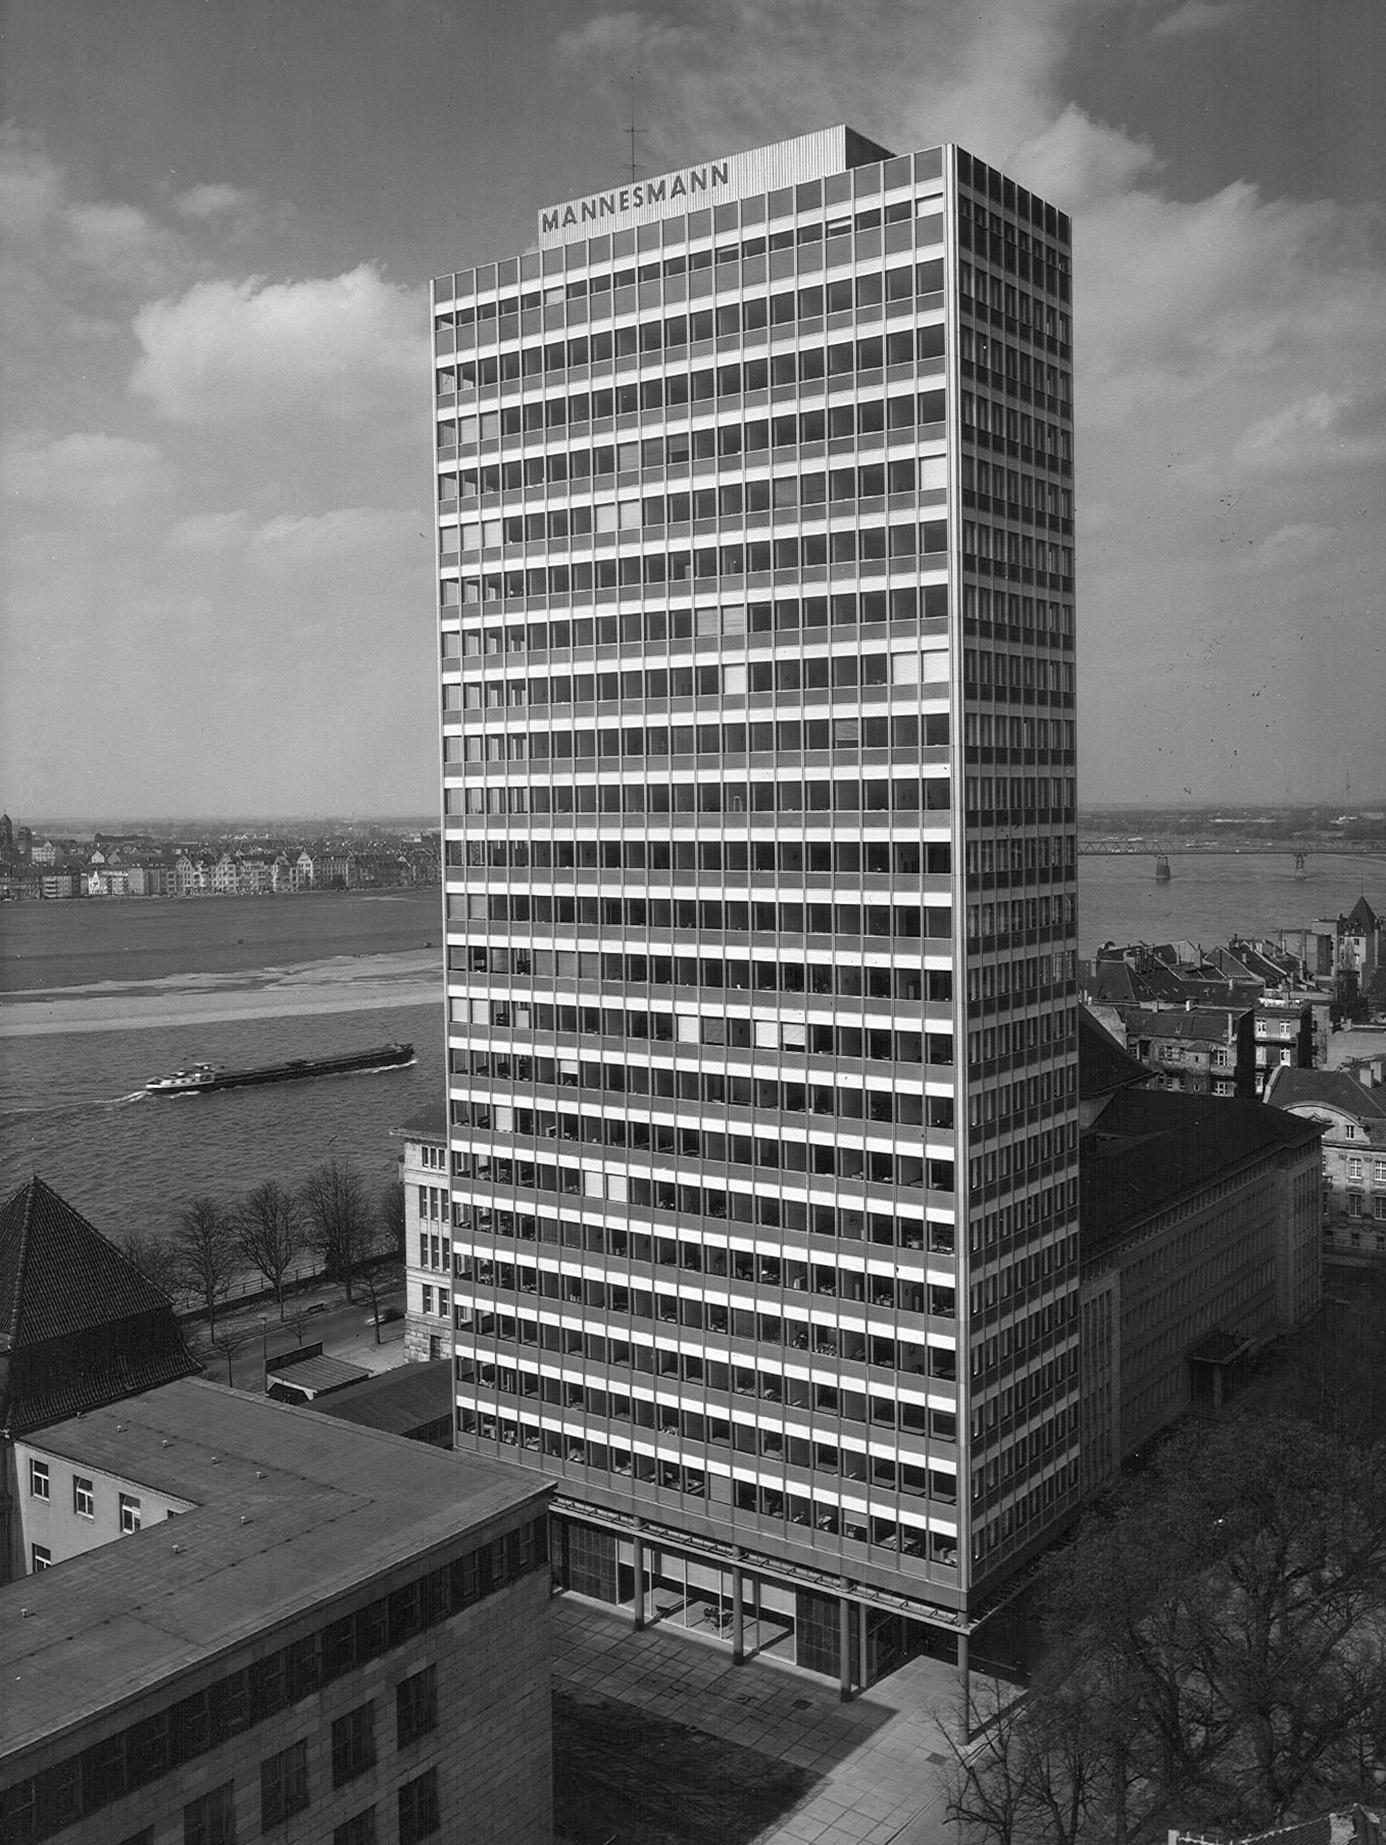 Mannesmann Hochhaus Denkmalgeschutzt Dusseldorf 1951 56